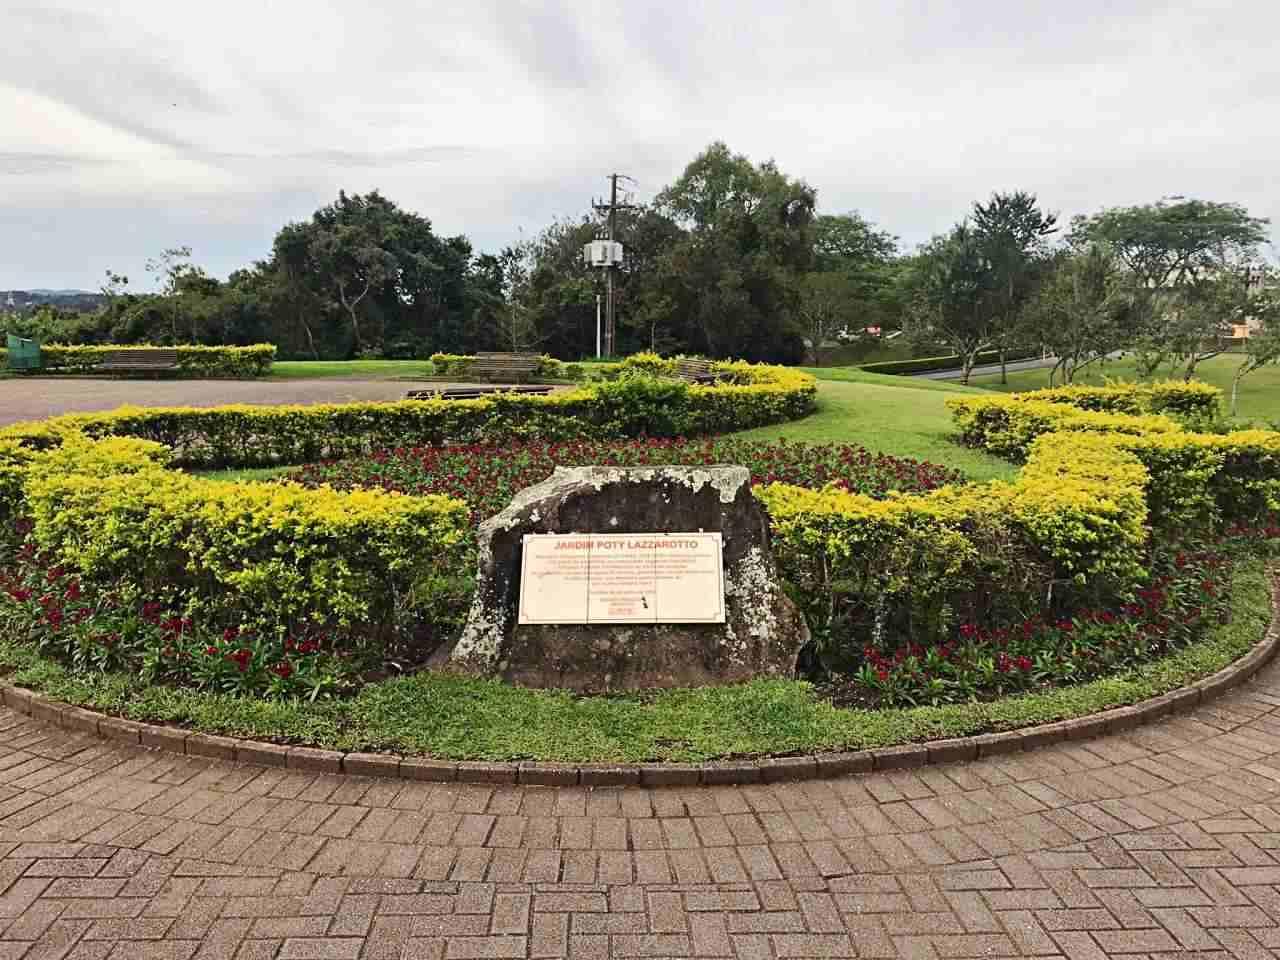 Como conhecer Curitiba em 42 atrações - Jardim de Poty Lazzarotto